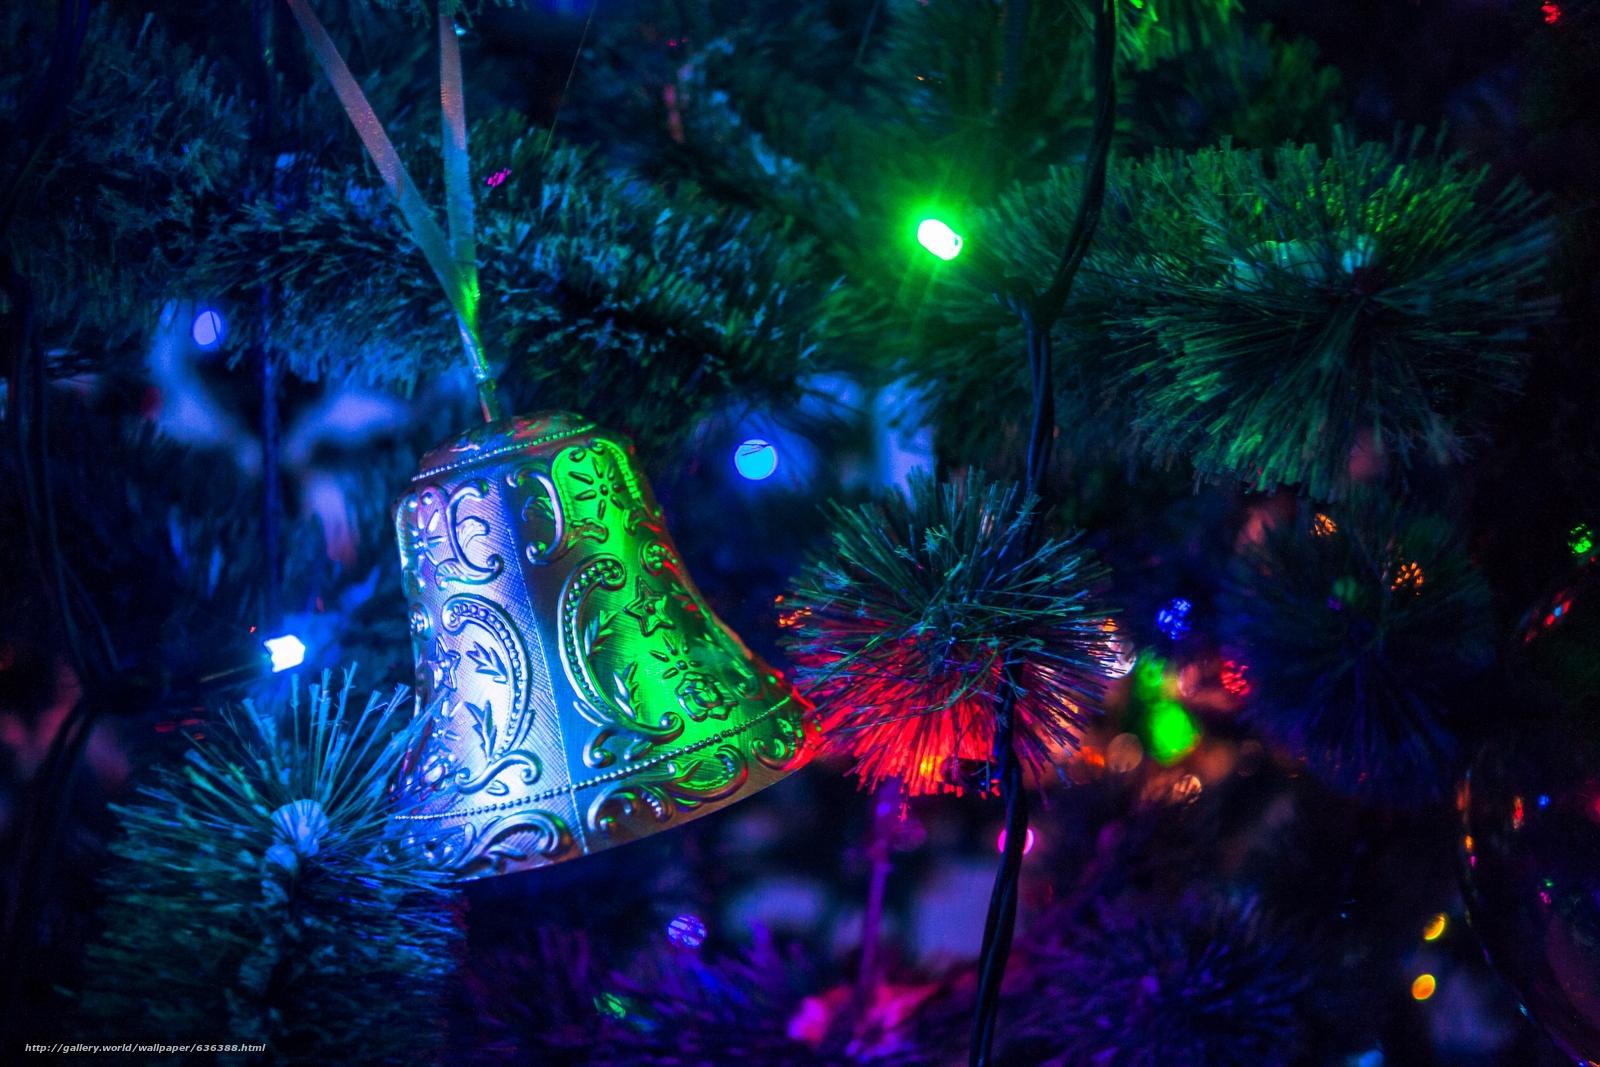 下载壁纸 圣诞树,  花环,  灯火,  玩具 免费为您的桌面分辨率的壁纸 2496x1664 — 图片 №636388